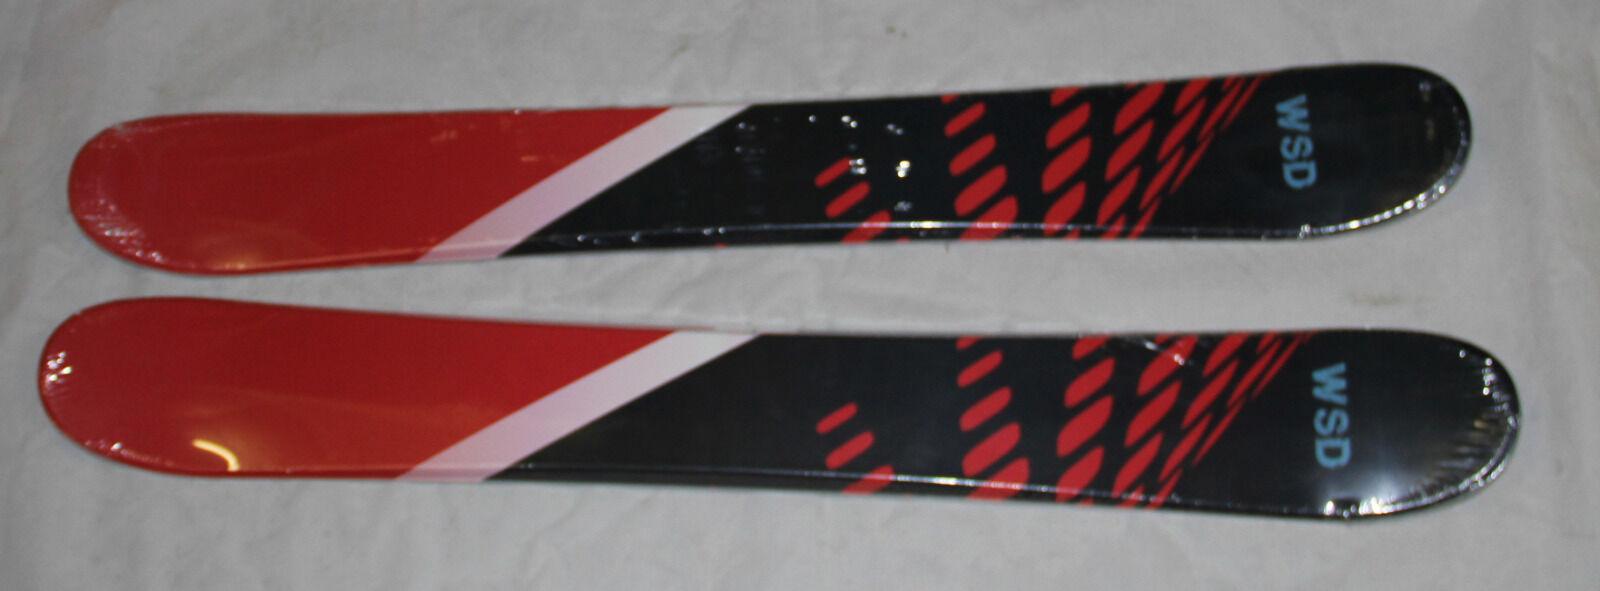 Skiboards snowblades WSD 100cm red dots wide 2018 model flat skiboards NEW